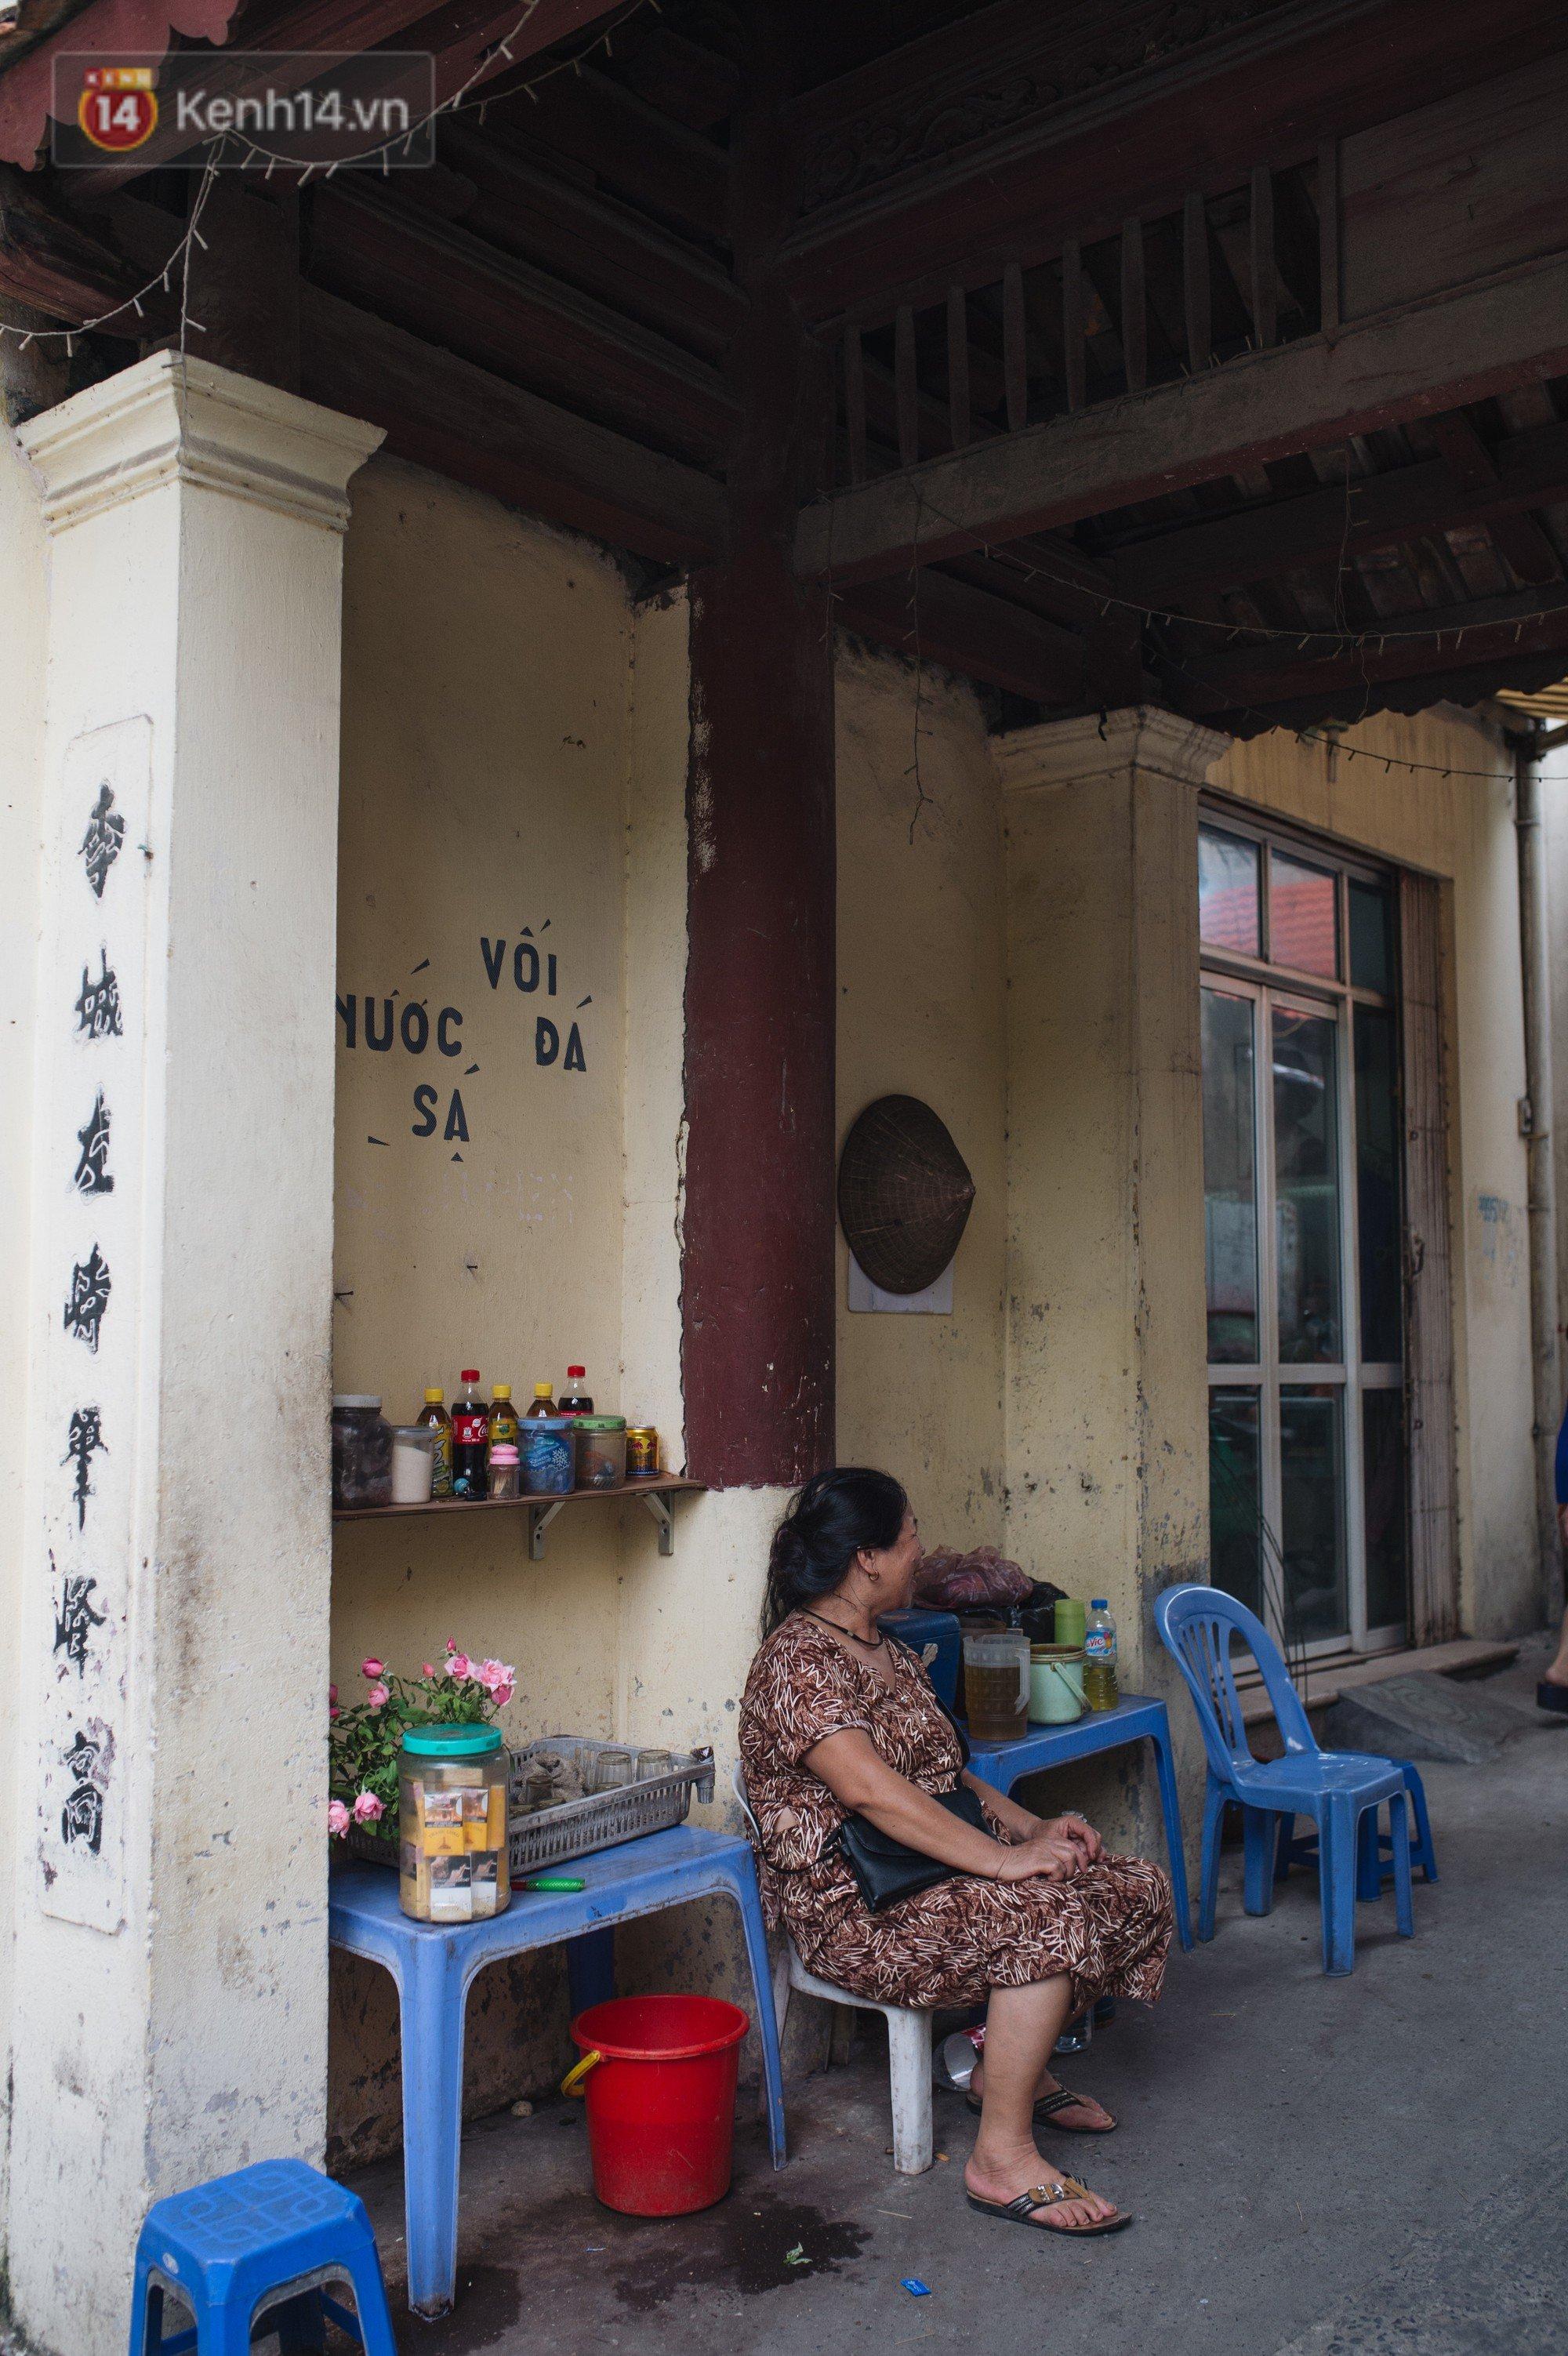 Chuyện về một con phố có nhiều cổng làng nhất Hà Nội: Đưa chân qua cổng phải tôn trọng nếp làng - Ảnh 7.